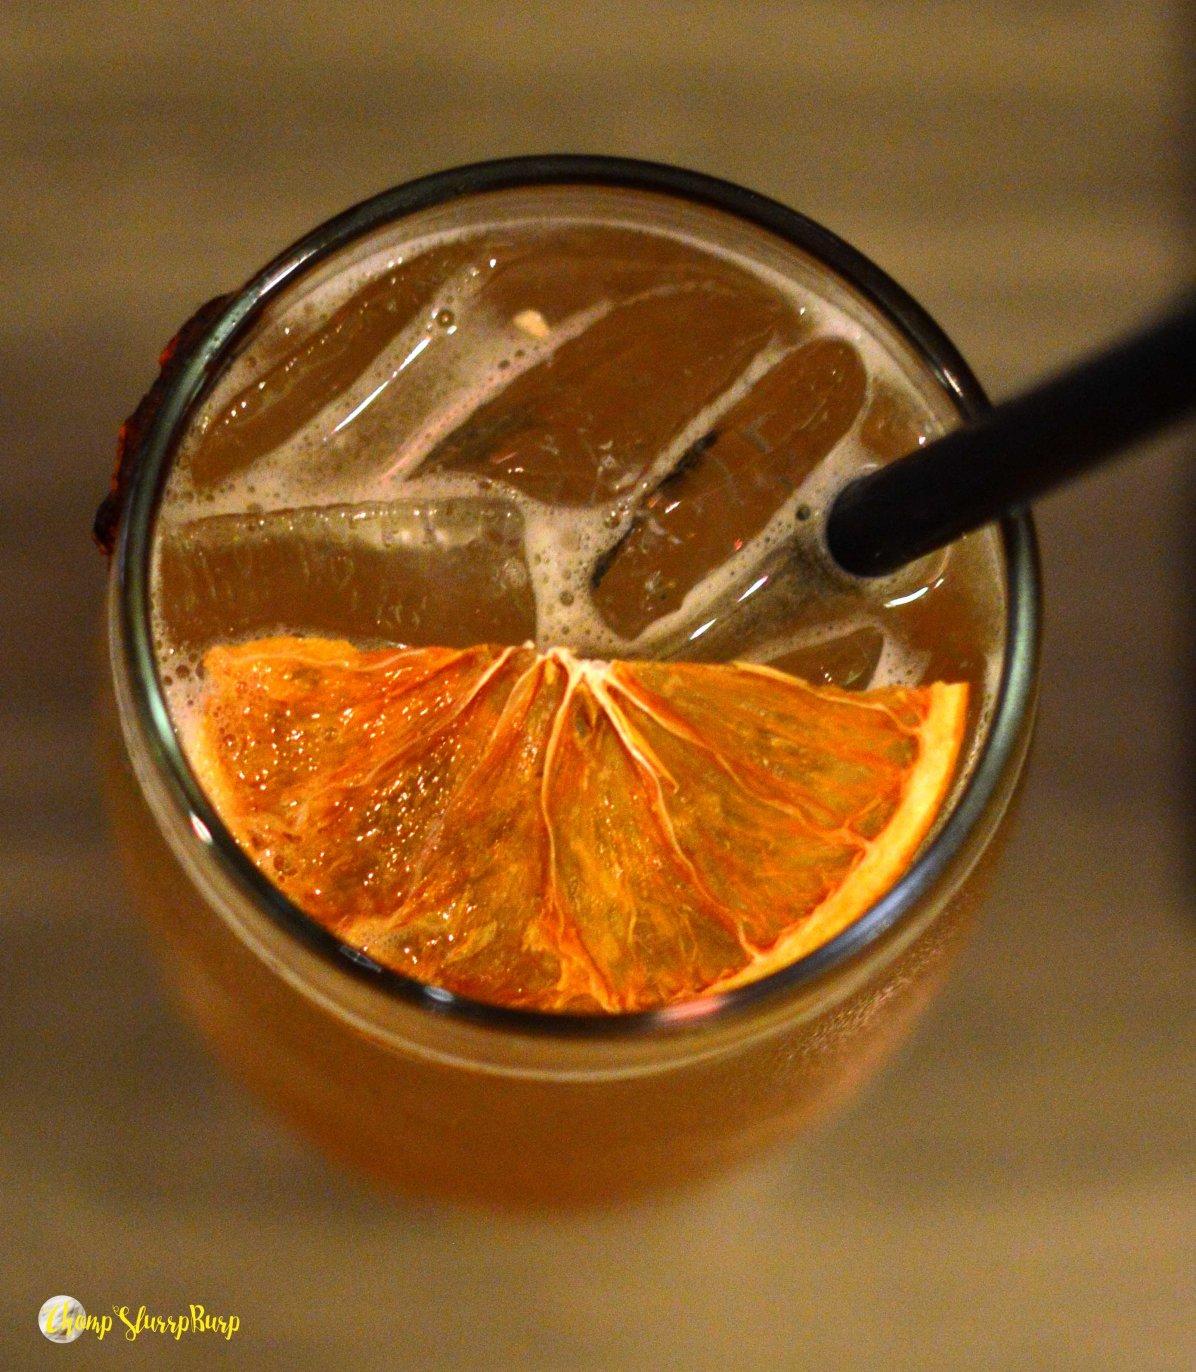 Kyoto Martini